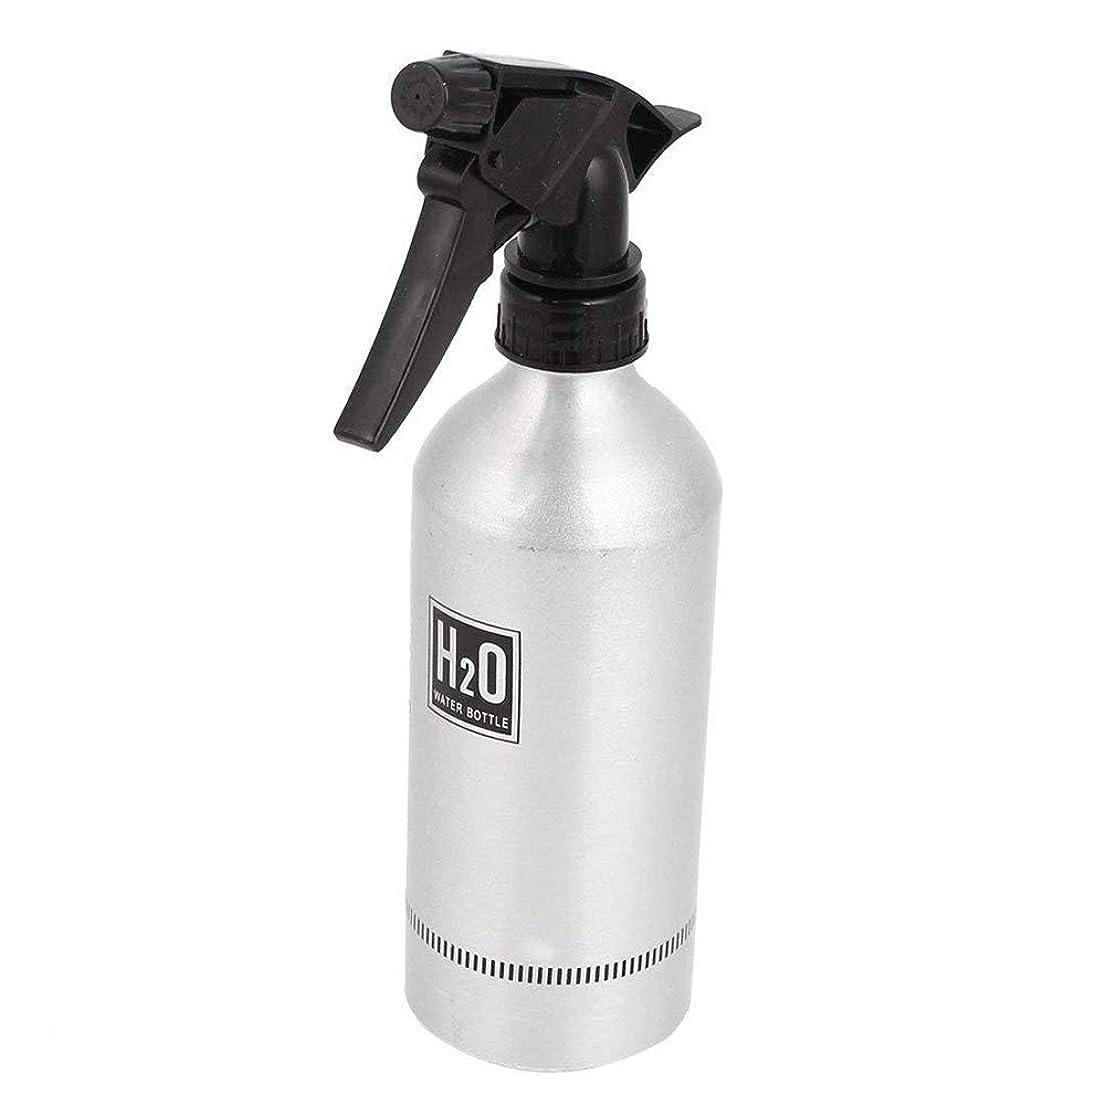 ラップ性交失敗Onior アルミ スプレー缶 水髪器 スプレー スプレーボトル 美容ツール サロン 理髪師 美容師 清潔 クリーニング 500ミリリットル